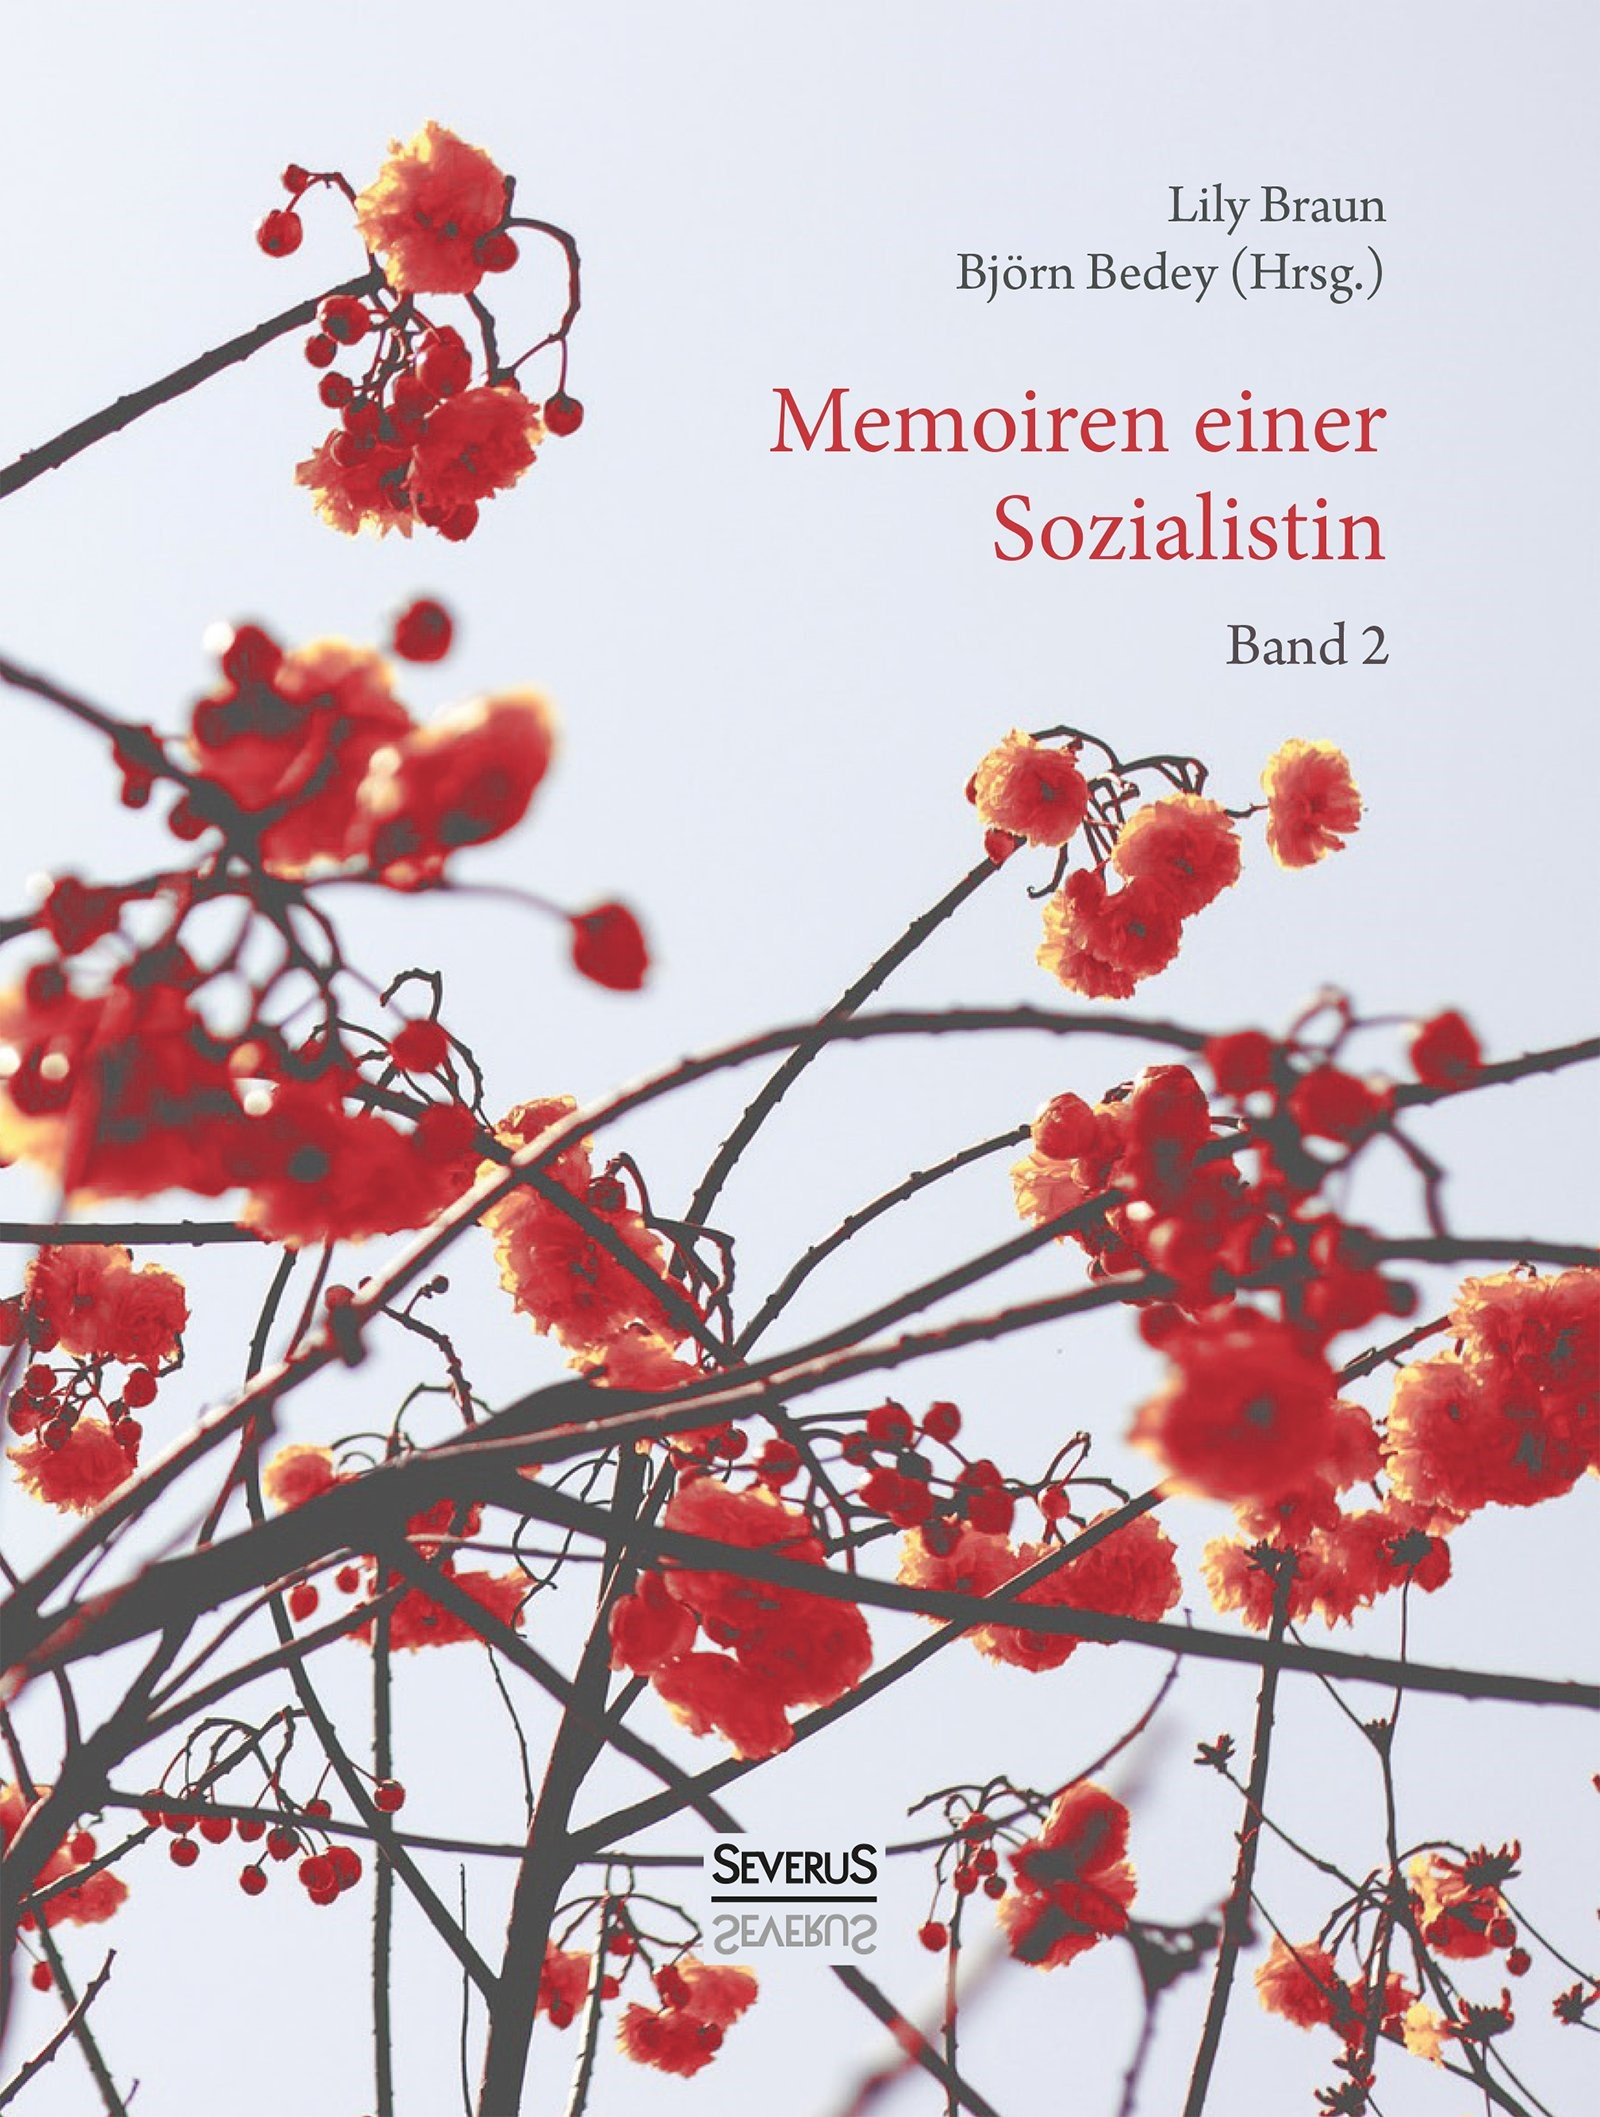 Memoiren einer Sozialistin - Band 2 | Braun / Bedey, 2018 | Buch (Cover)